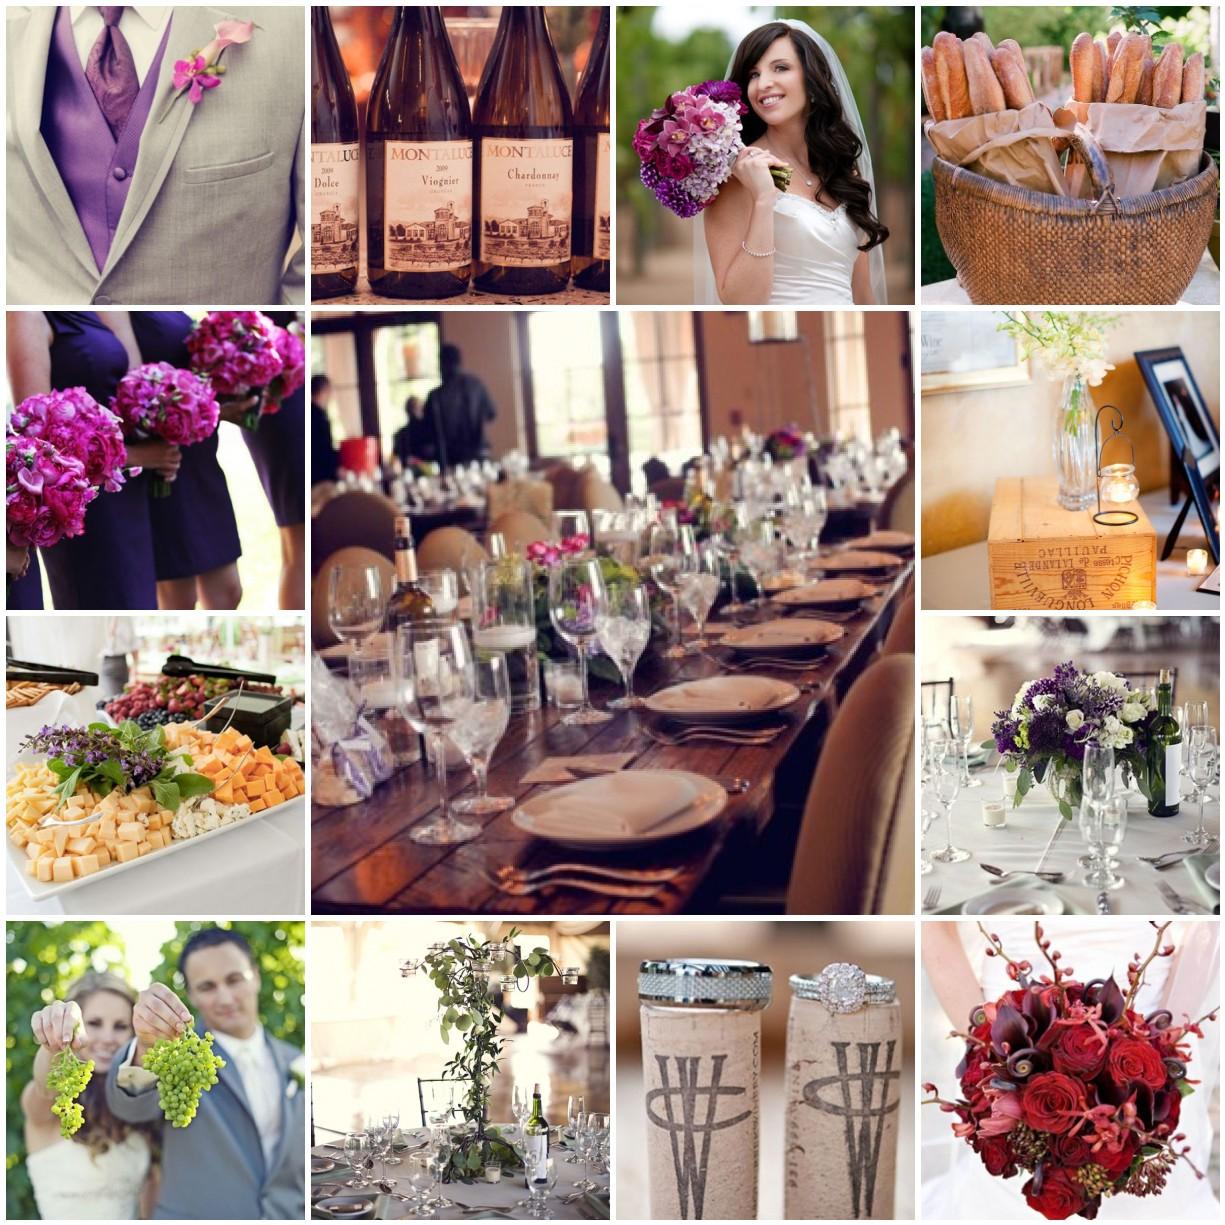 Wine Wedding: Vineyard-inspired Wedding